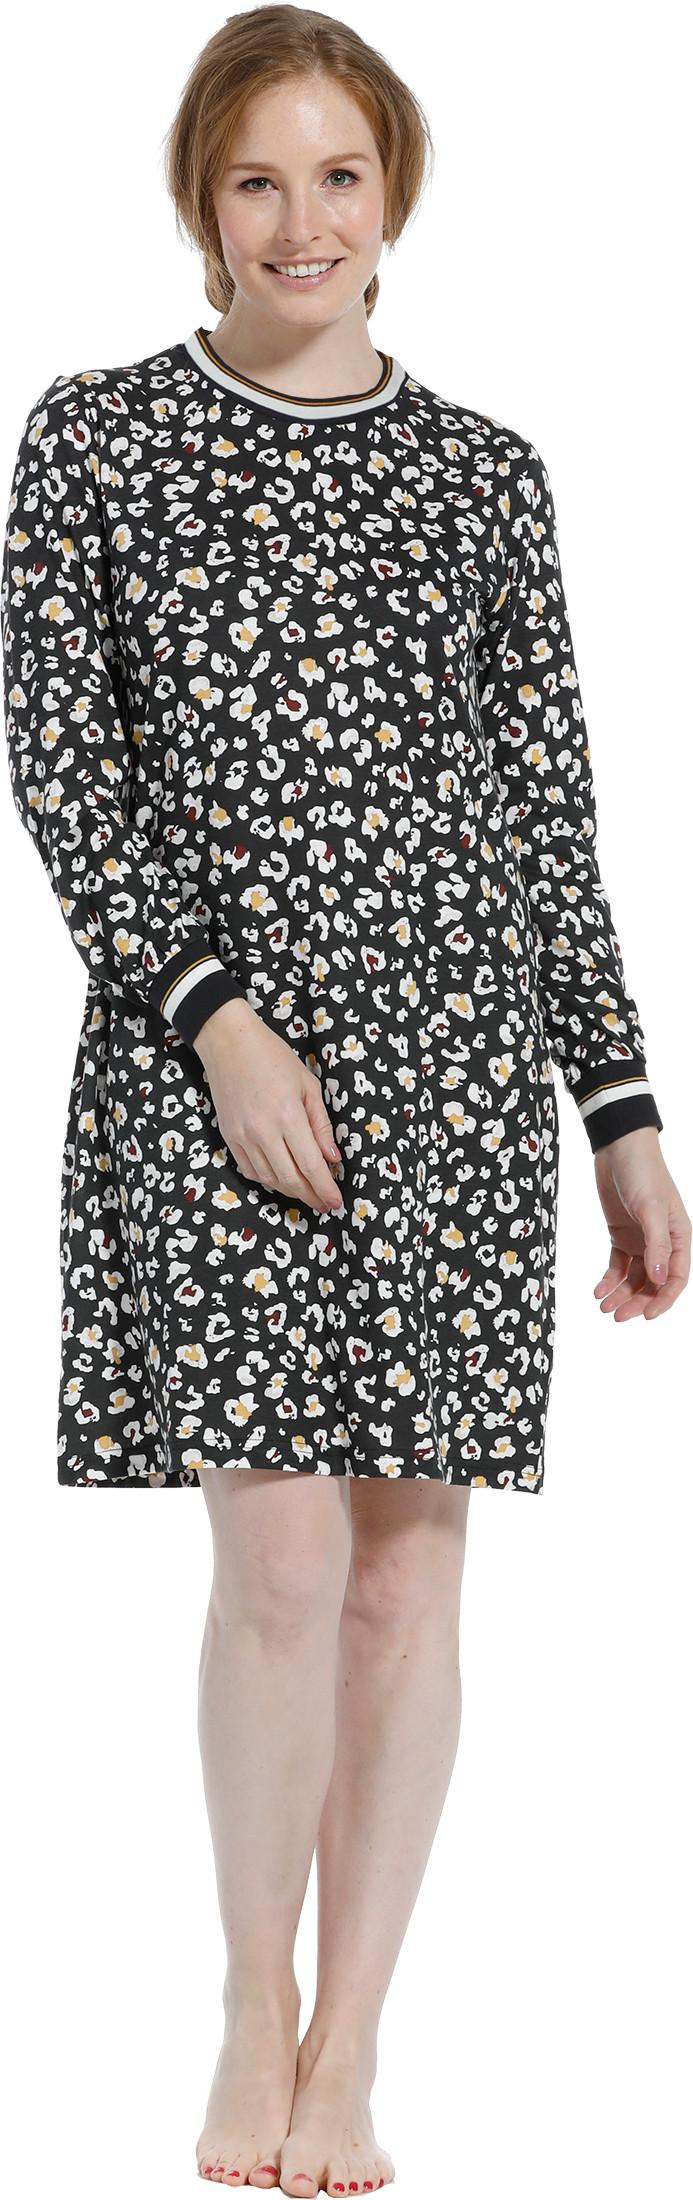 Dames nachthemd Pastunette 10202-165-2-42